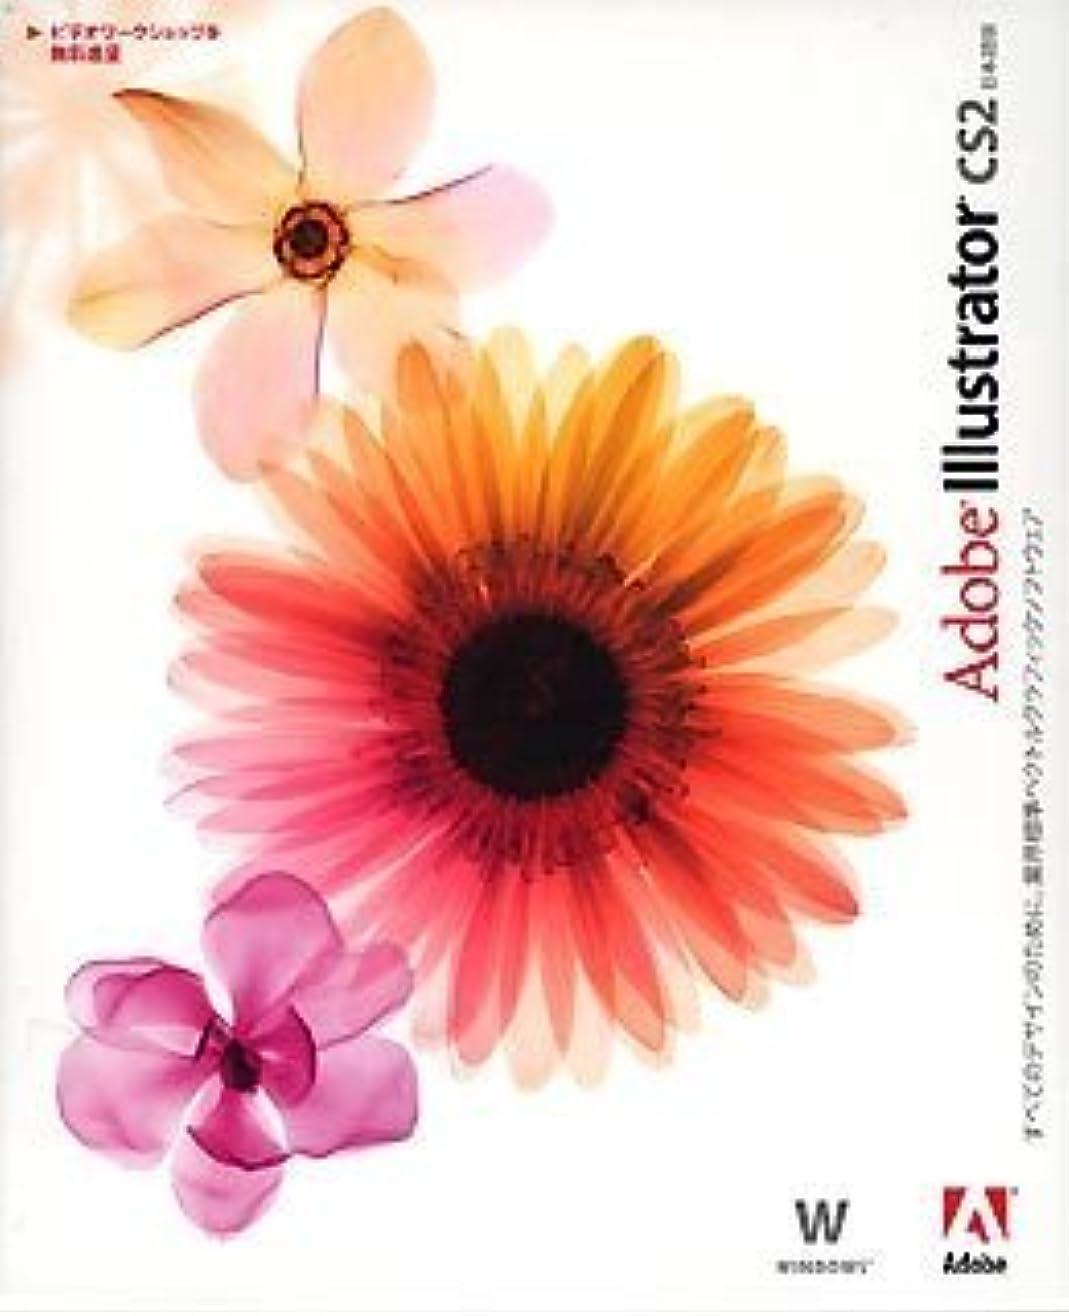 思い出すトロリー花Adobe Illustrator CS2.0 日本語版 Windows版 (旧製品)